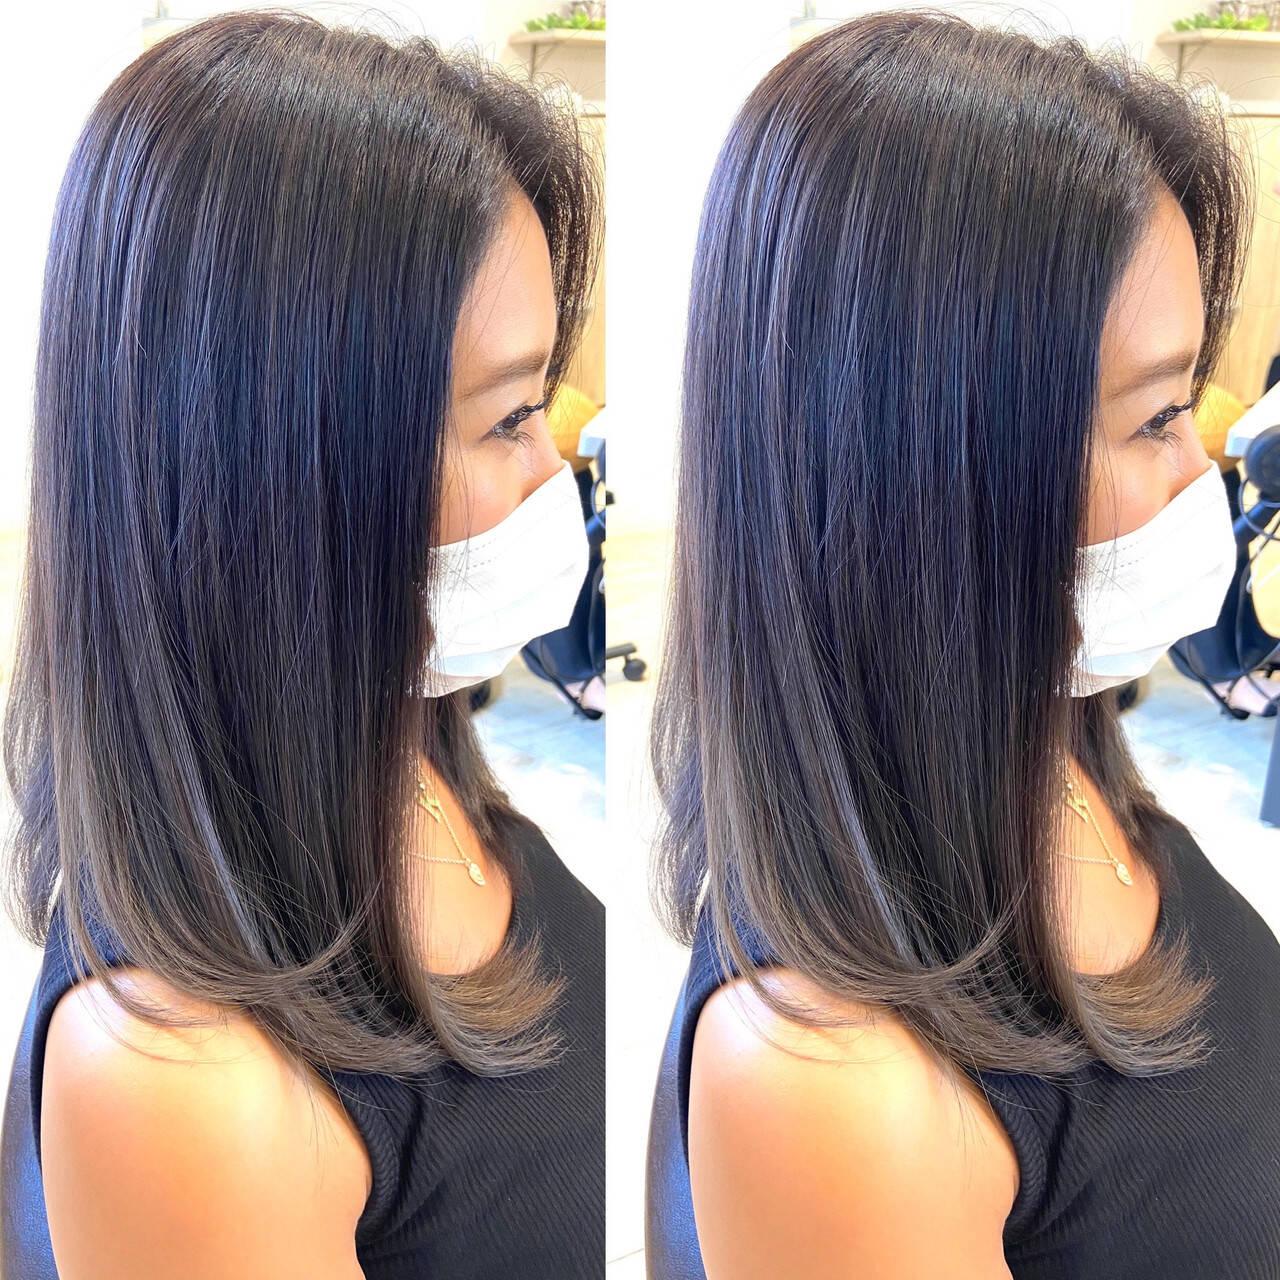 ラベンダーグレー ミディアム ラベンダーアッシュ ラベンダーヘアスタイルや髪型の写真・画像